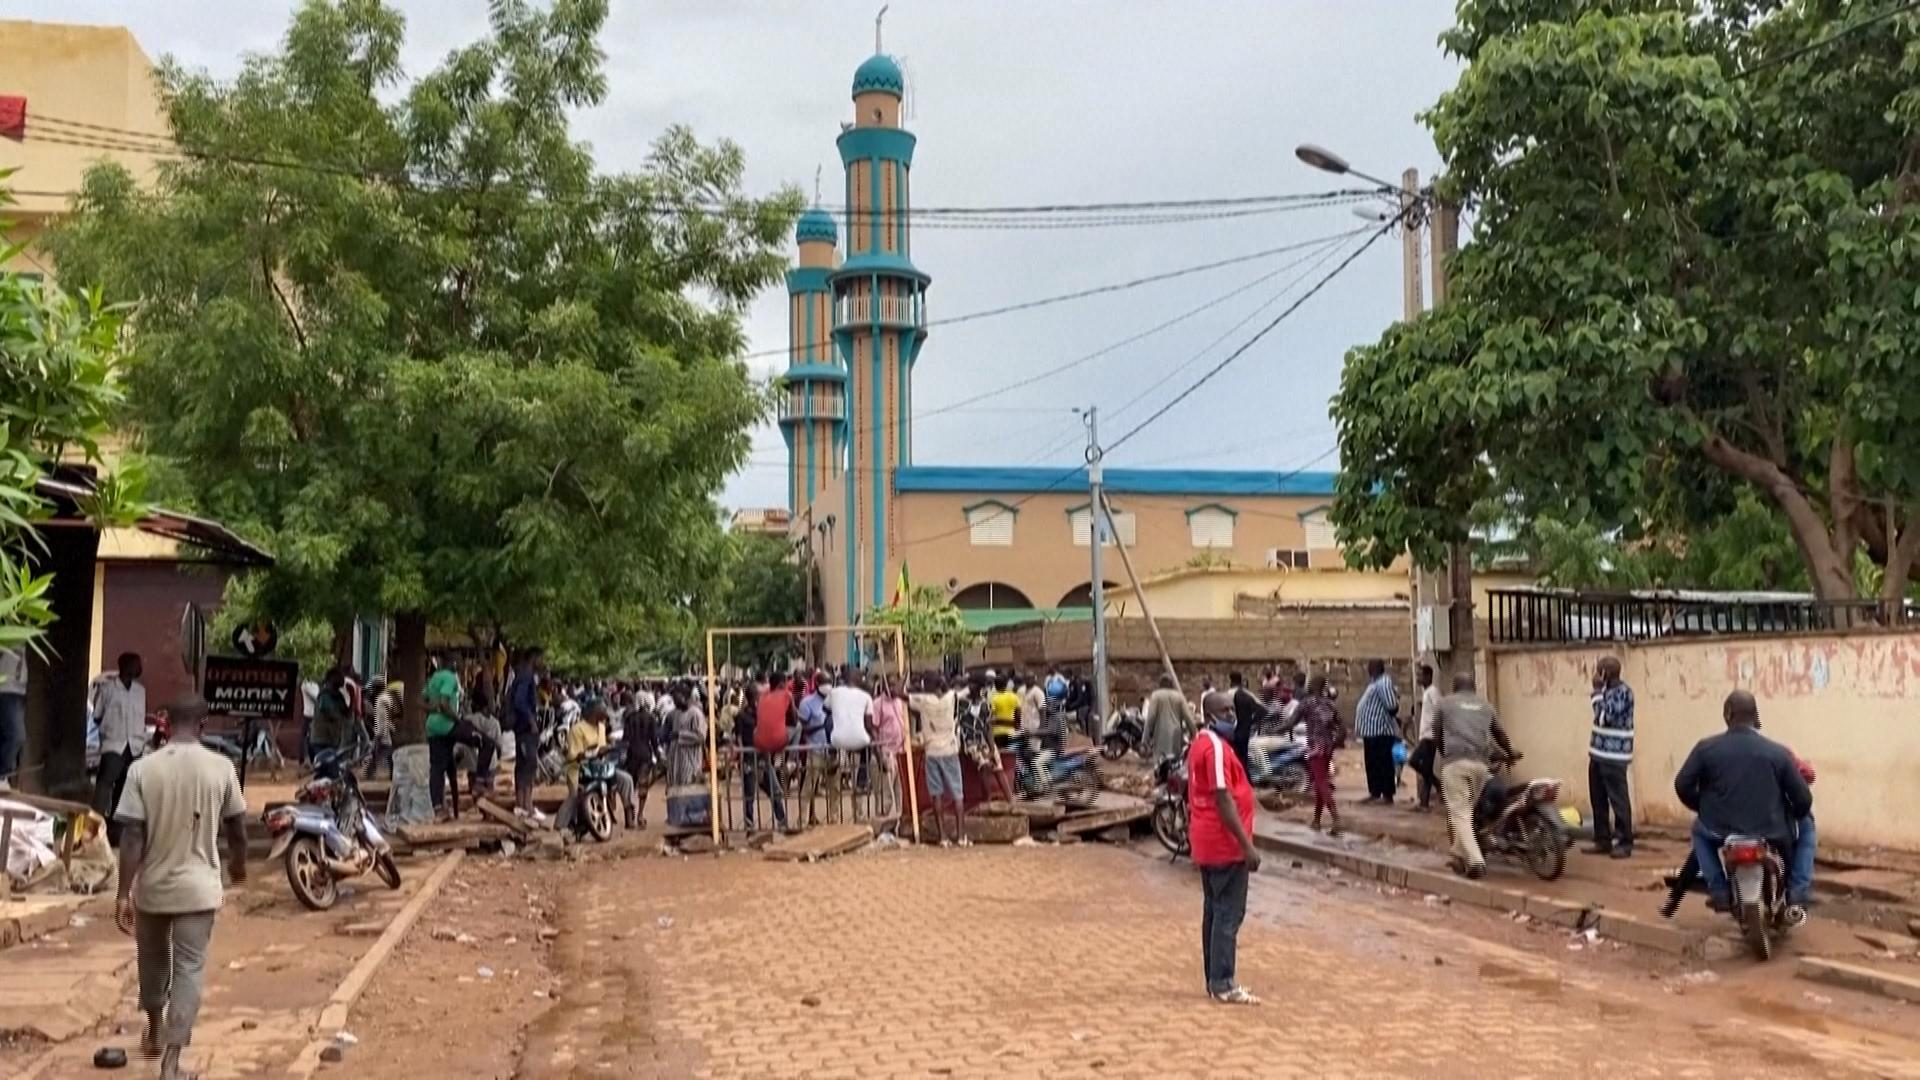 VIDI1V45J9_FR Mali_ les échauffourées se poursuivent à Bamako malgré les appels au calme